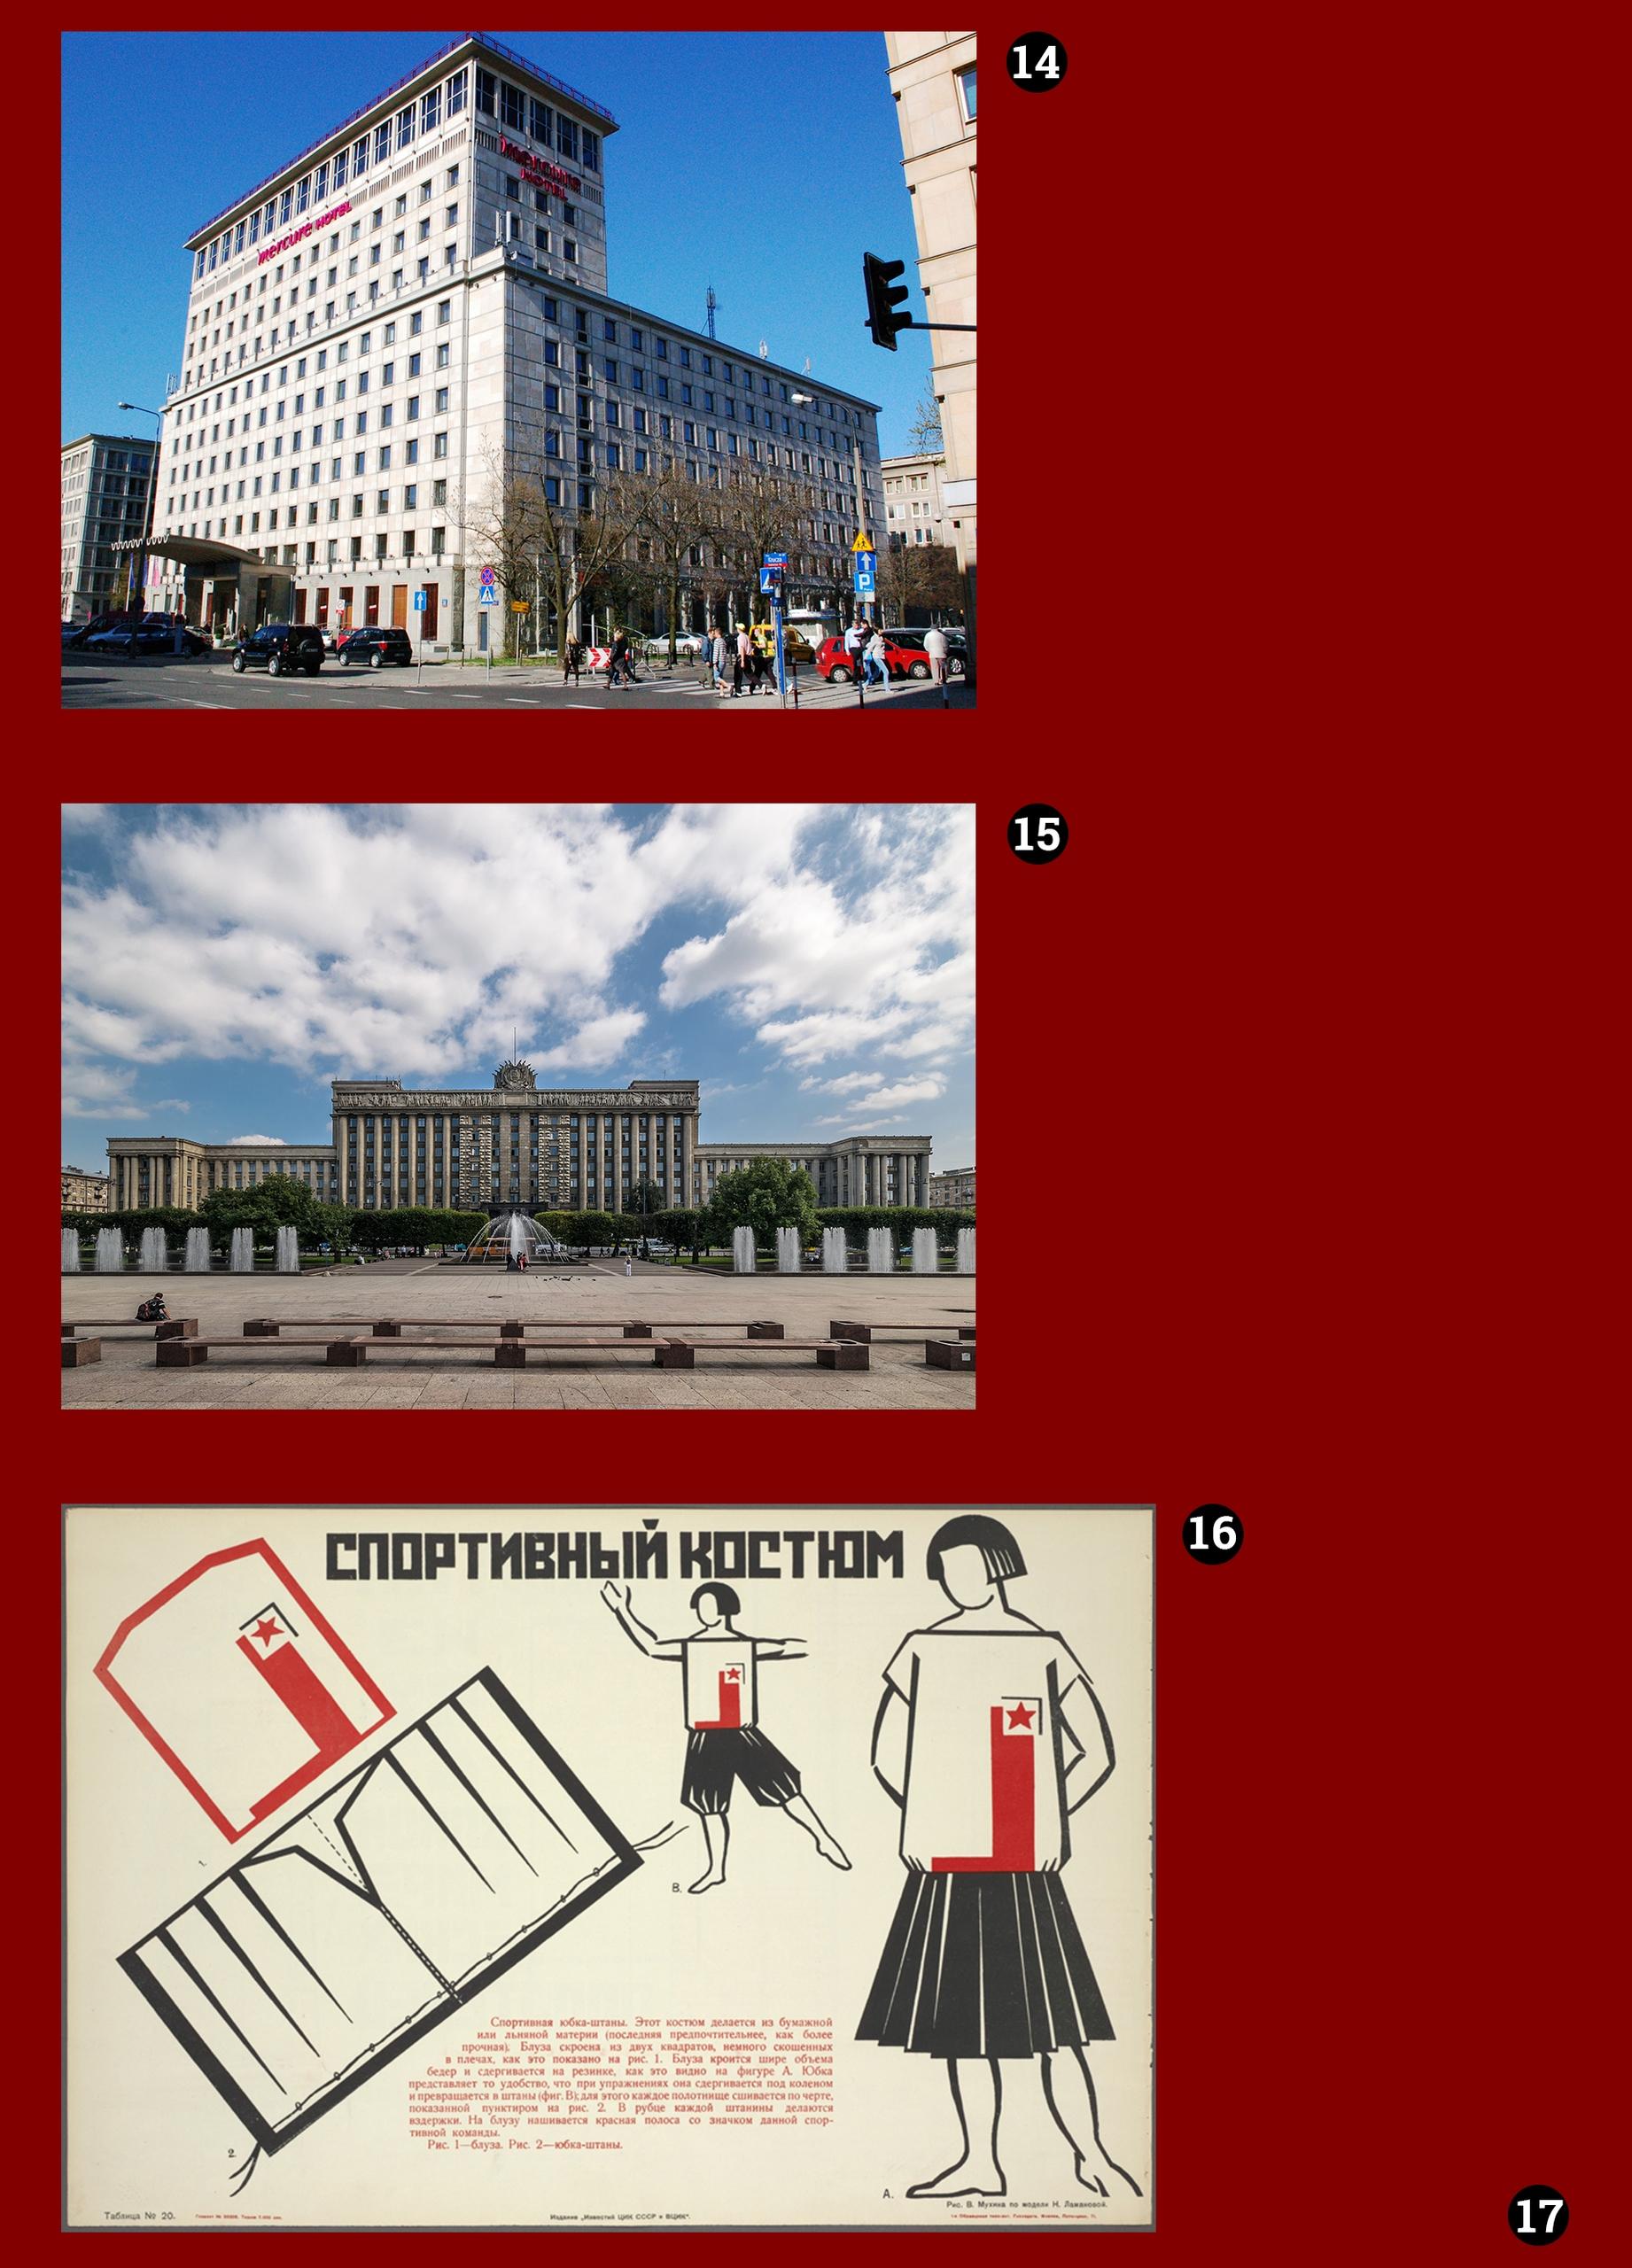 Obraz przedstawia dwie fotografie budowli i jedno zdjęcie rysunku. Całość na bordowym tle.